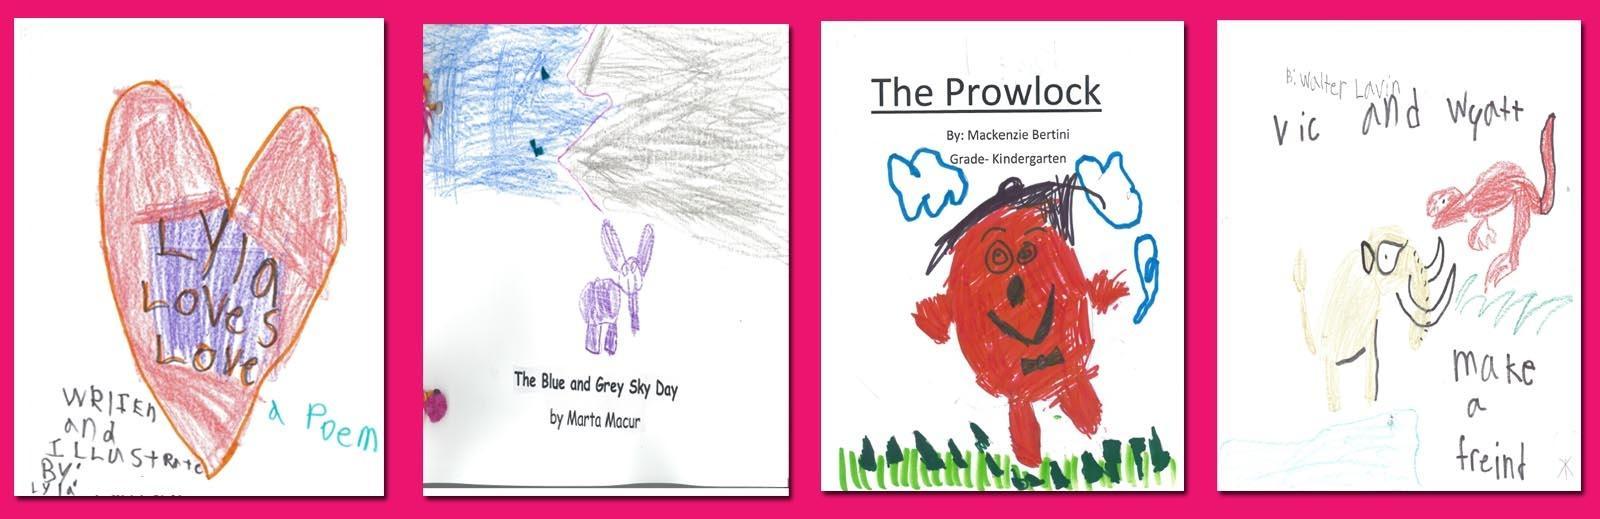 Kindergarten Winning Stories